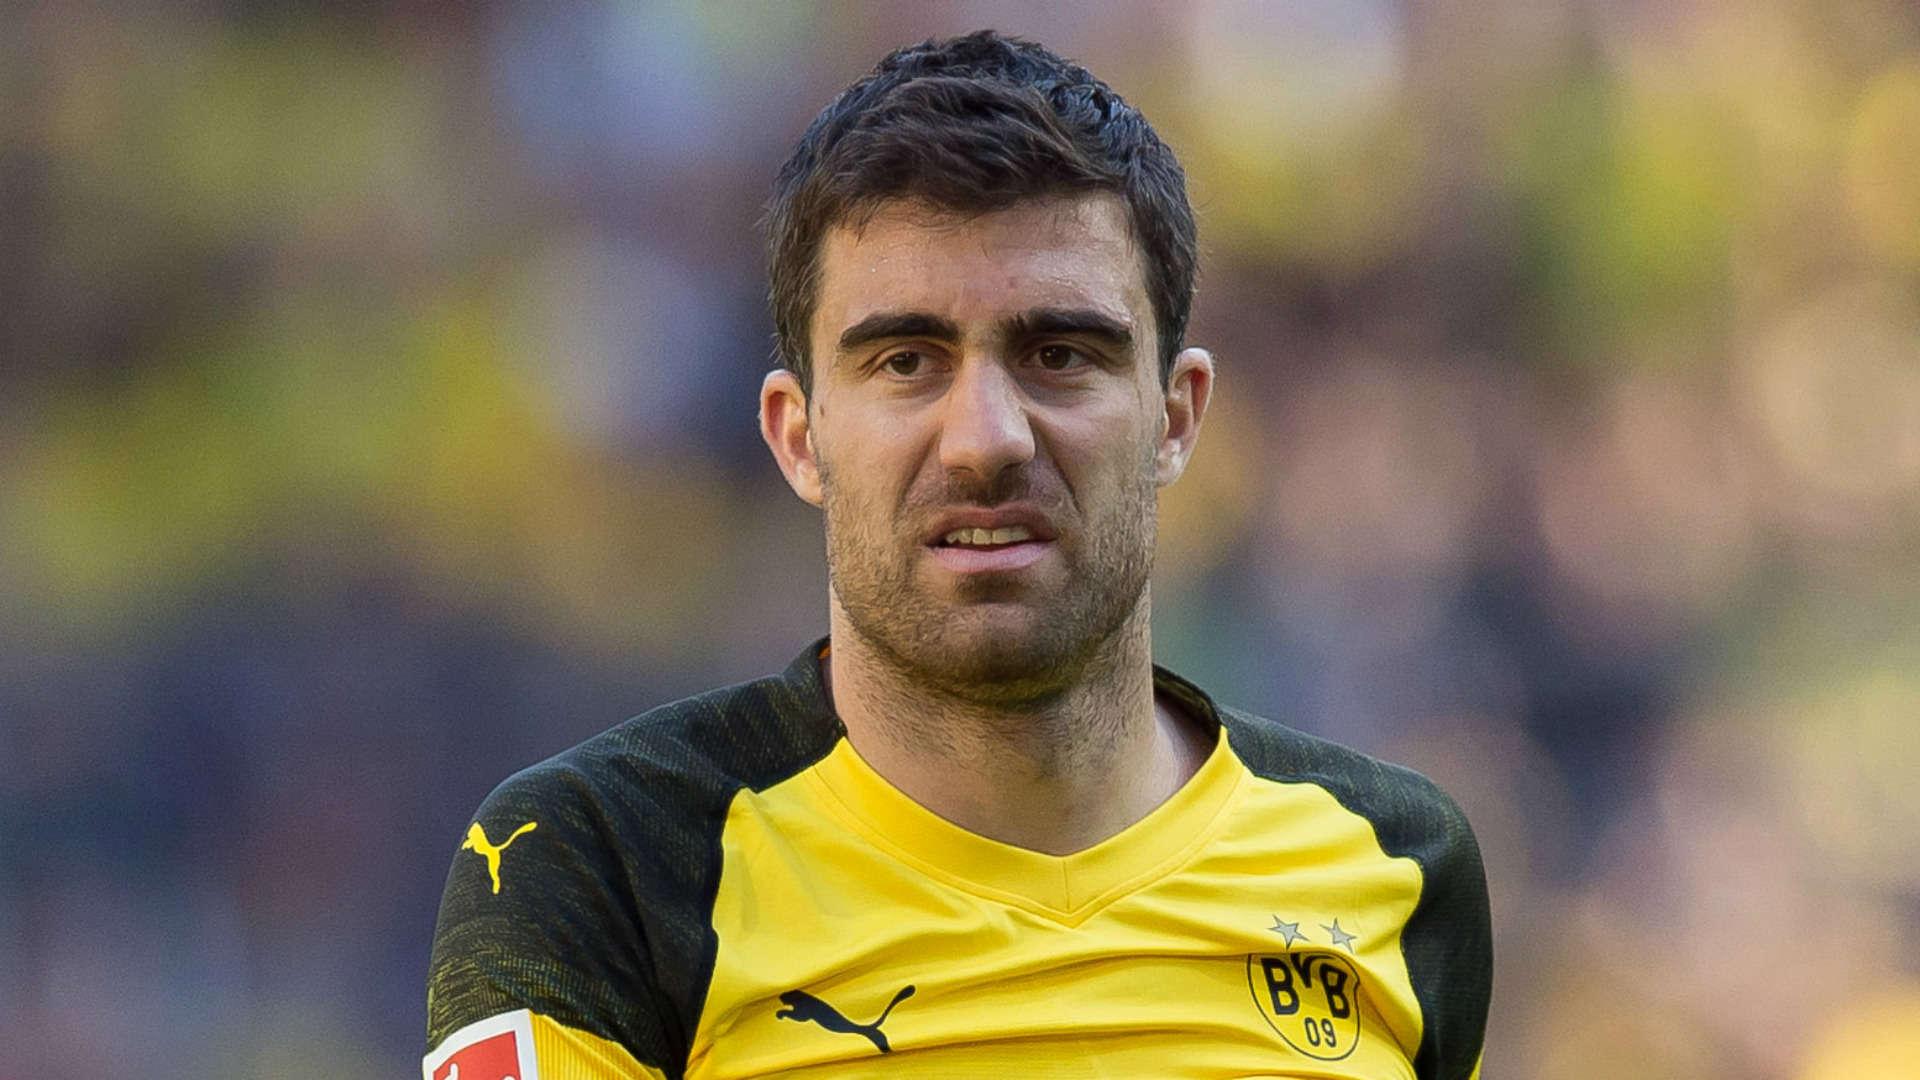 Nhiều khả năng Sokratis Papastathopoulos sẽ là người của Arsenal trong thời gian tới